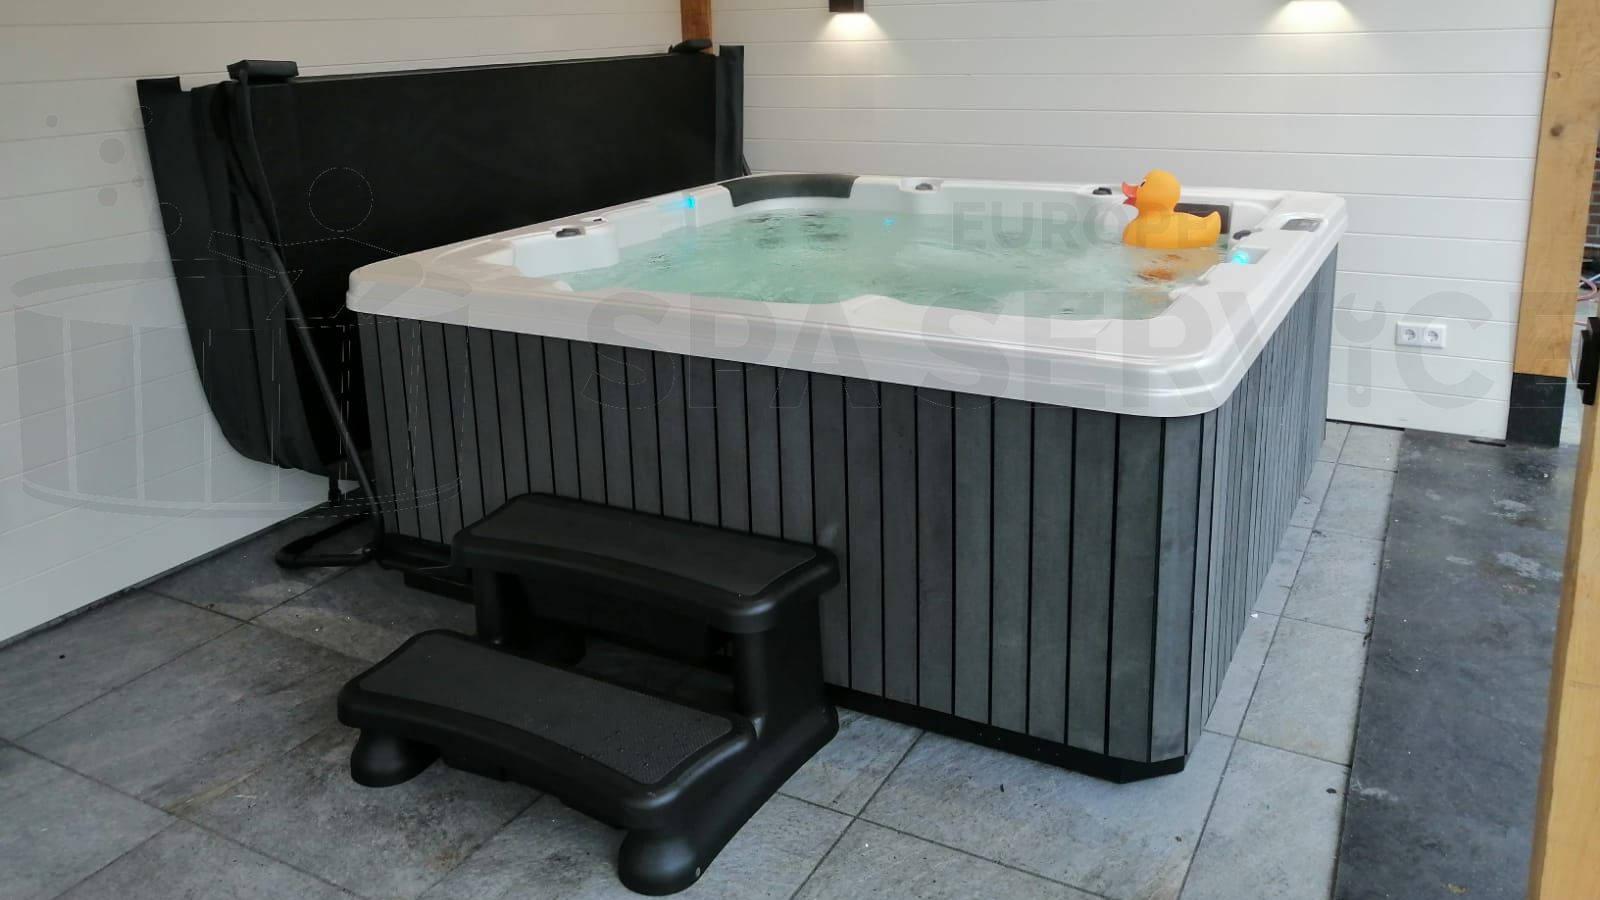 2de plaatsing van een spa in Berkel en Rodenrijs